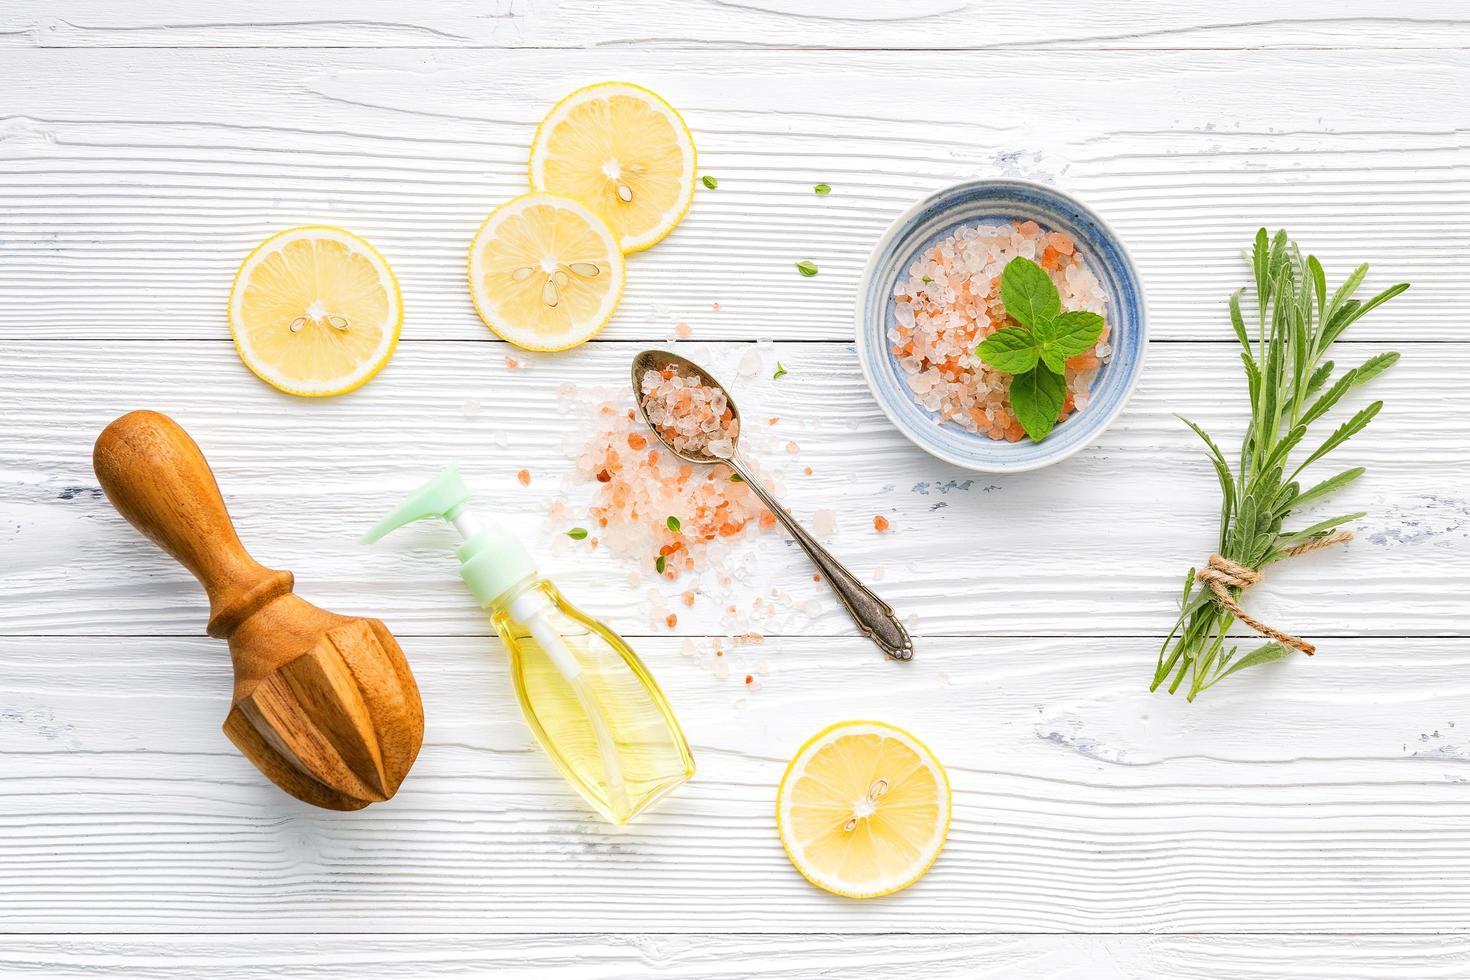 cuidado de la piel con sal, limón y romero foto